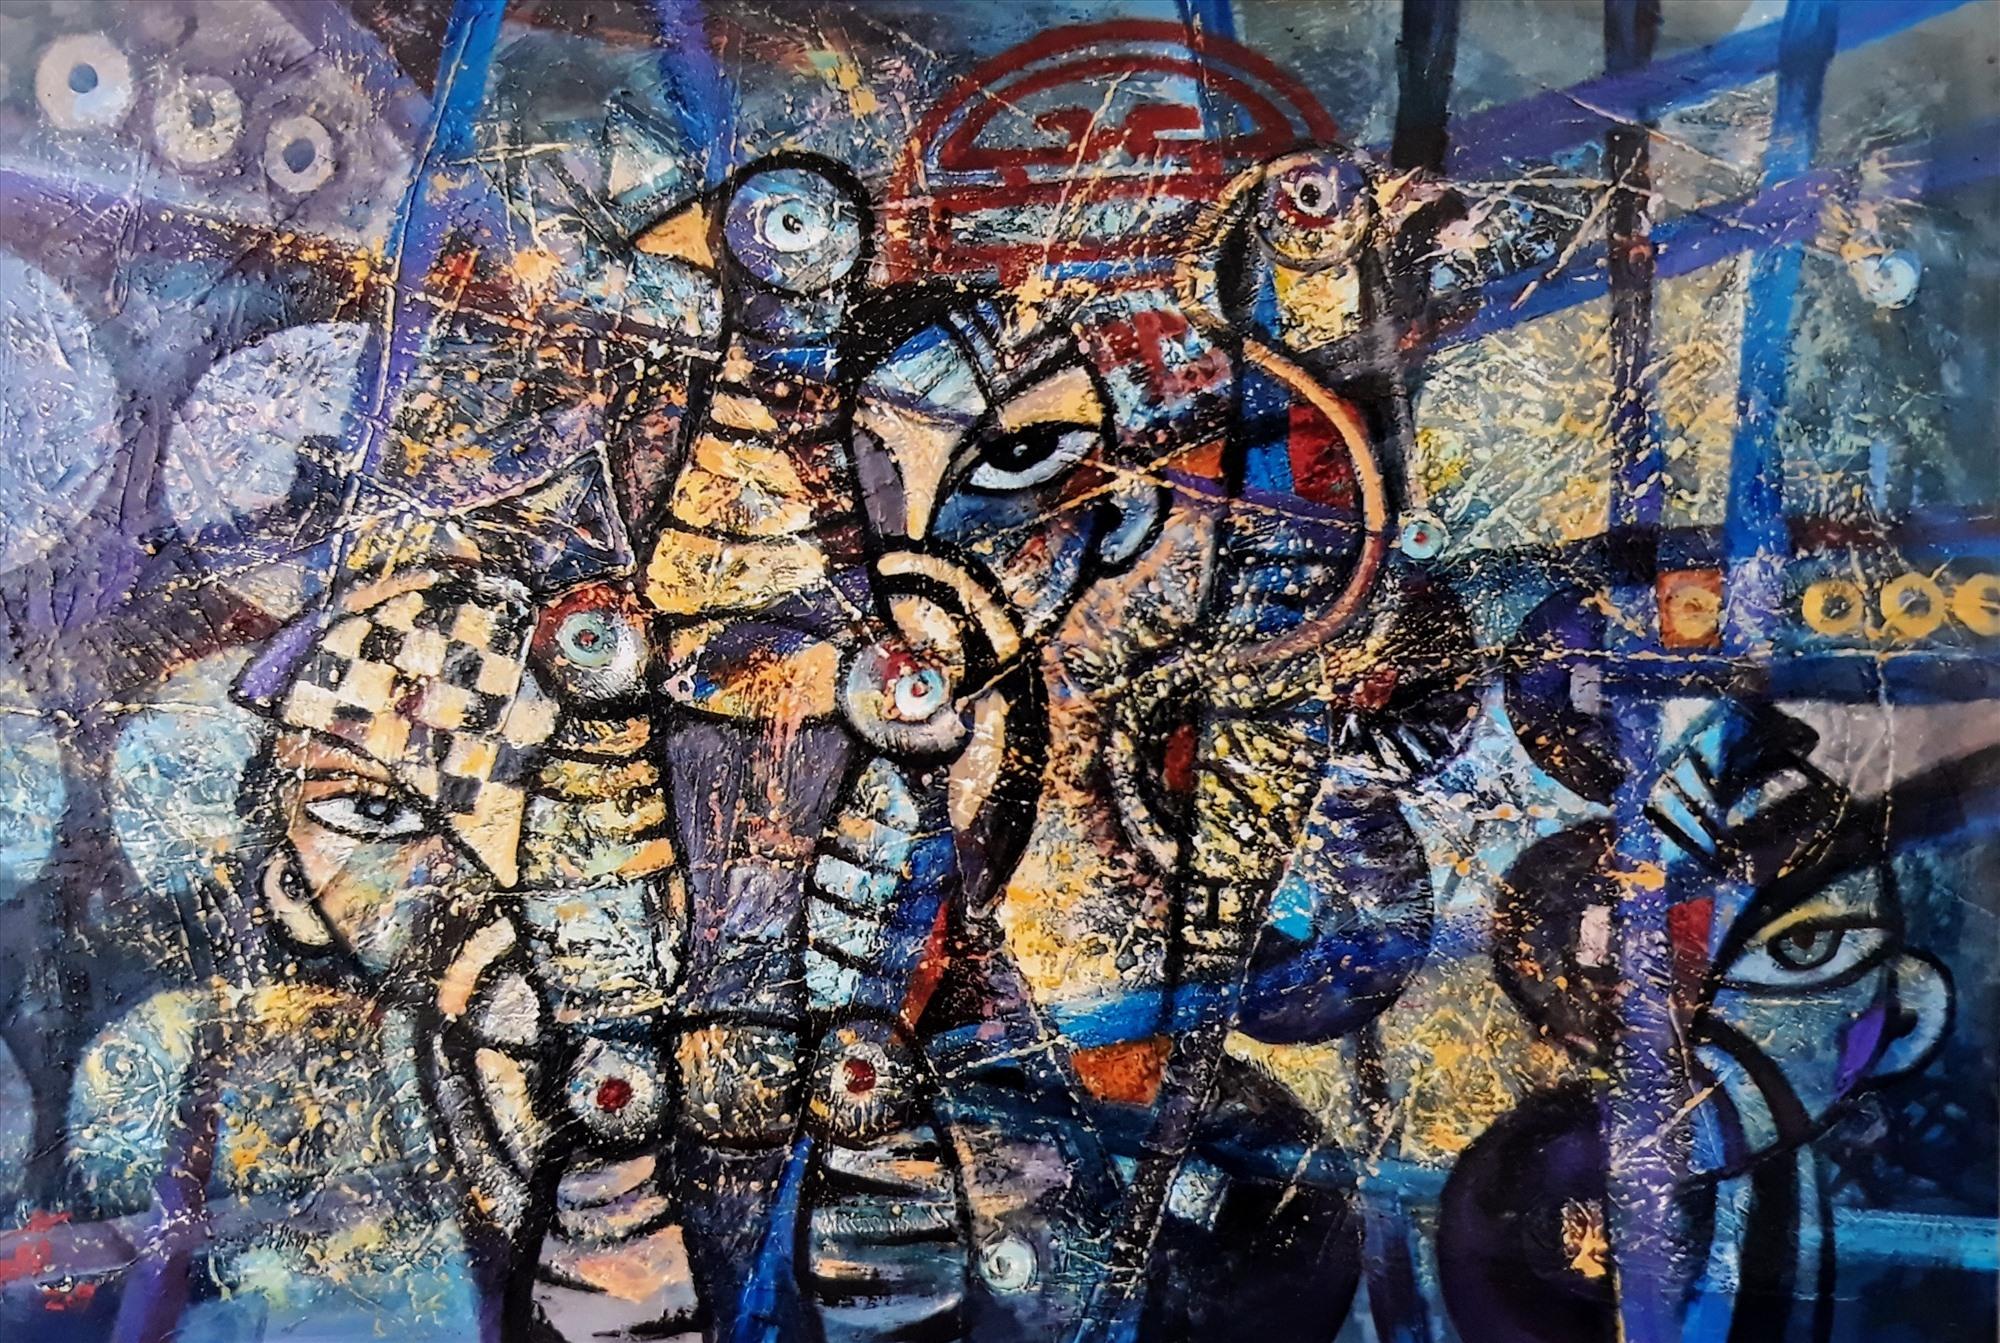 """""""Nhịp phách bài chòi"""" (ảnh trên), tranh acrylic của Trần Văn Binh và """"Vào hội - 1"""", tranh khắc gỗ màu của Ngô Văn Phúc, là hai trong số những tác phẩm của mỹ thuật Quảng Nam được chọn trưng bày tại Triển lãm khu vực năm 2020. Ảnh: VHNT"""